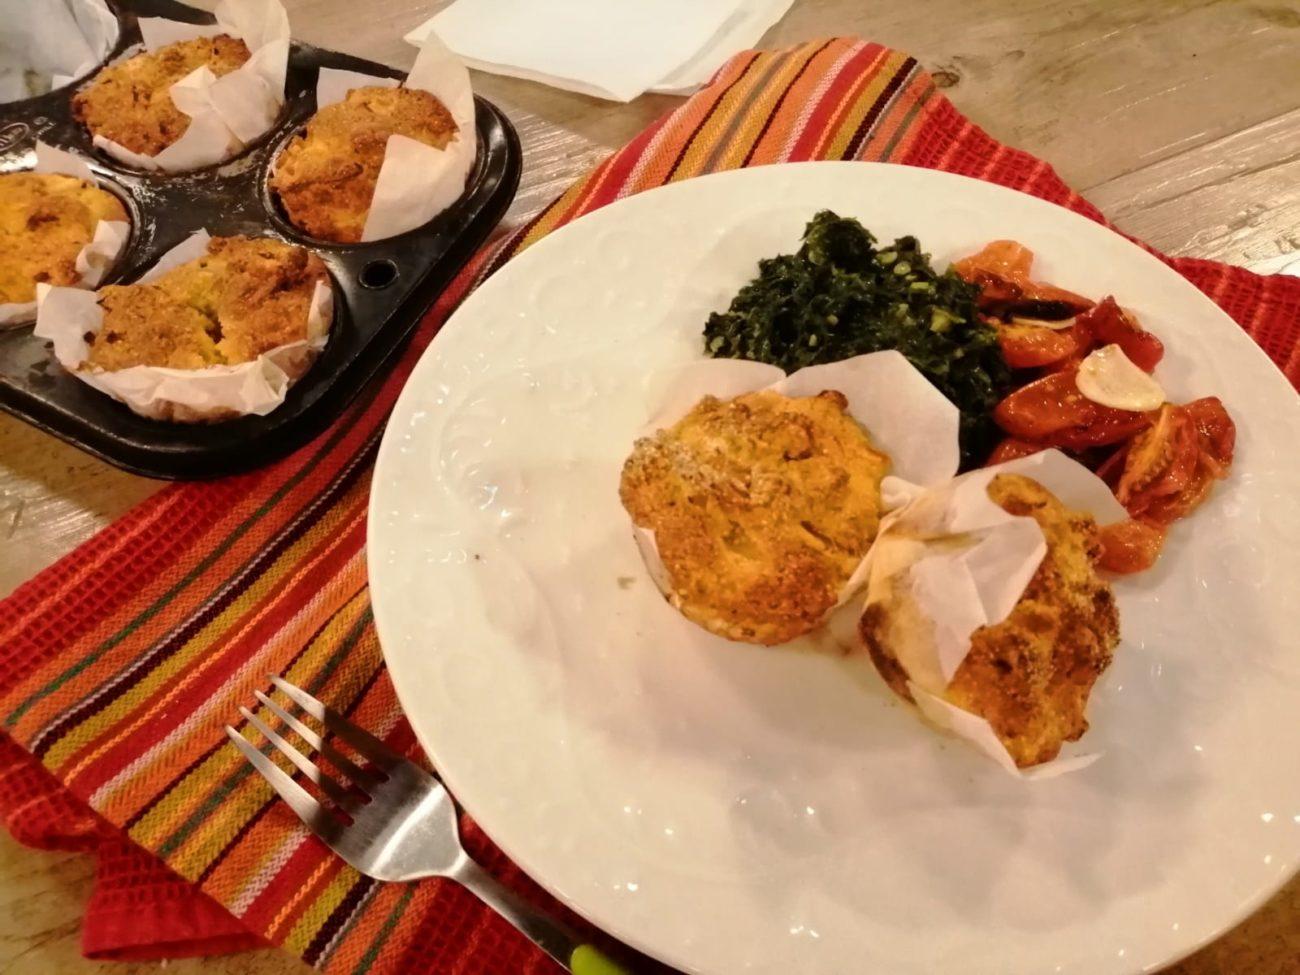 Muffins de espinaca, champiñones y choclo